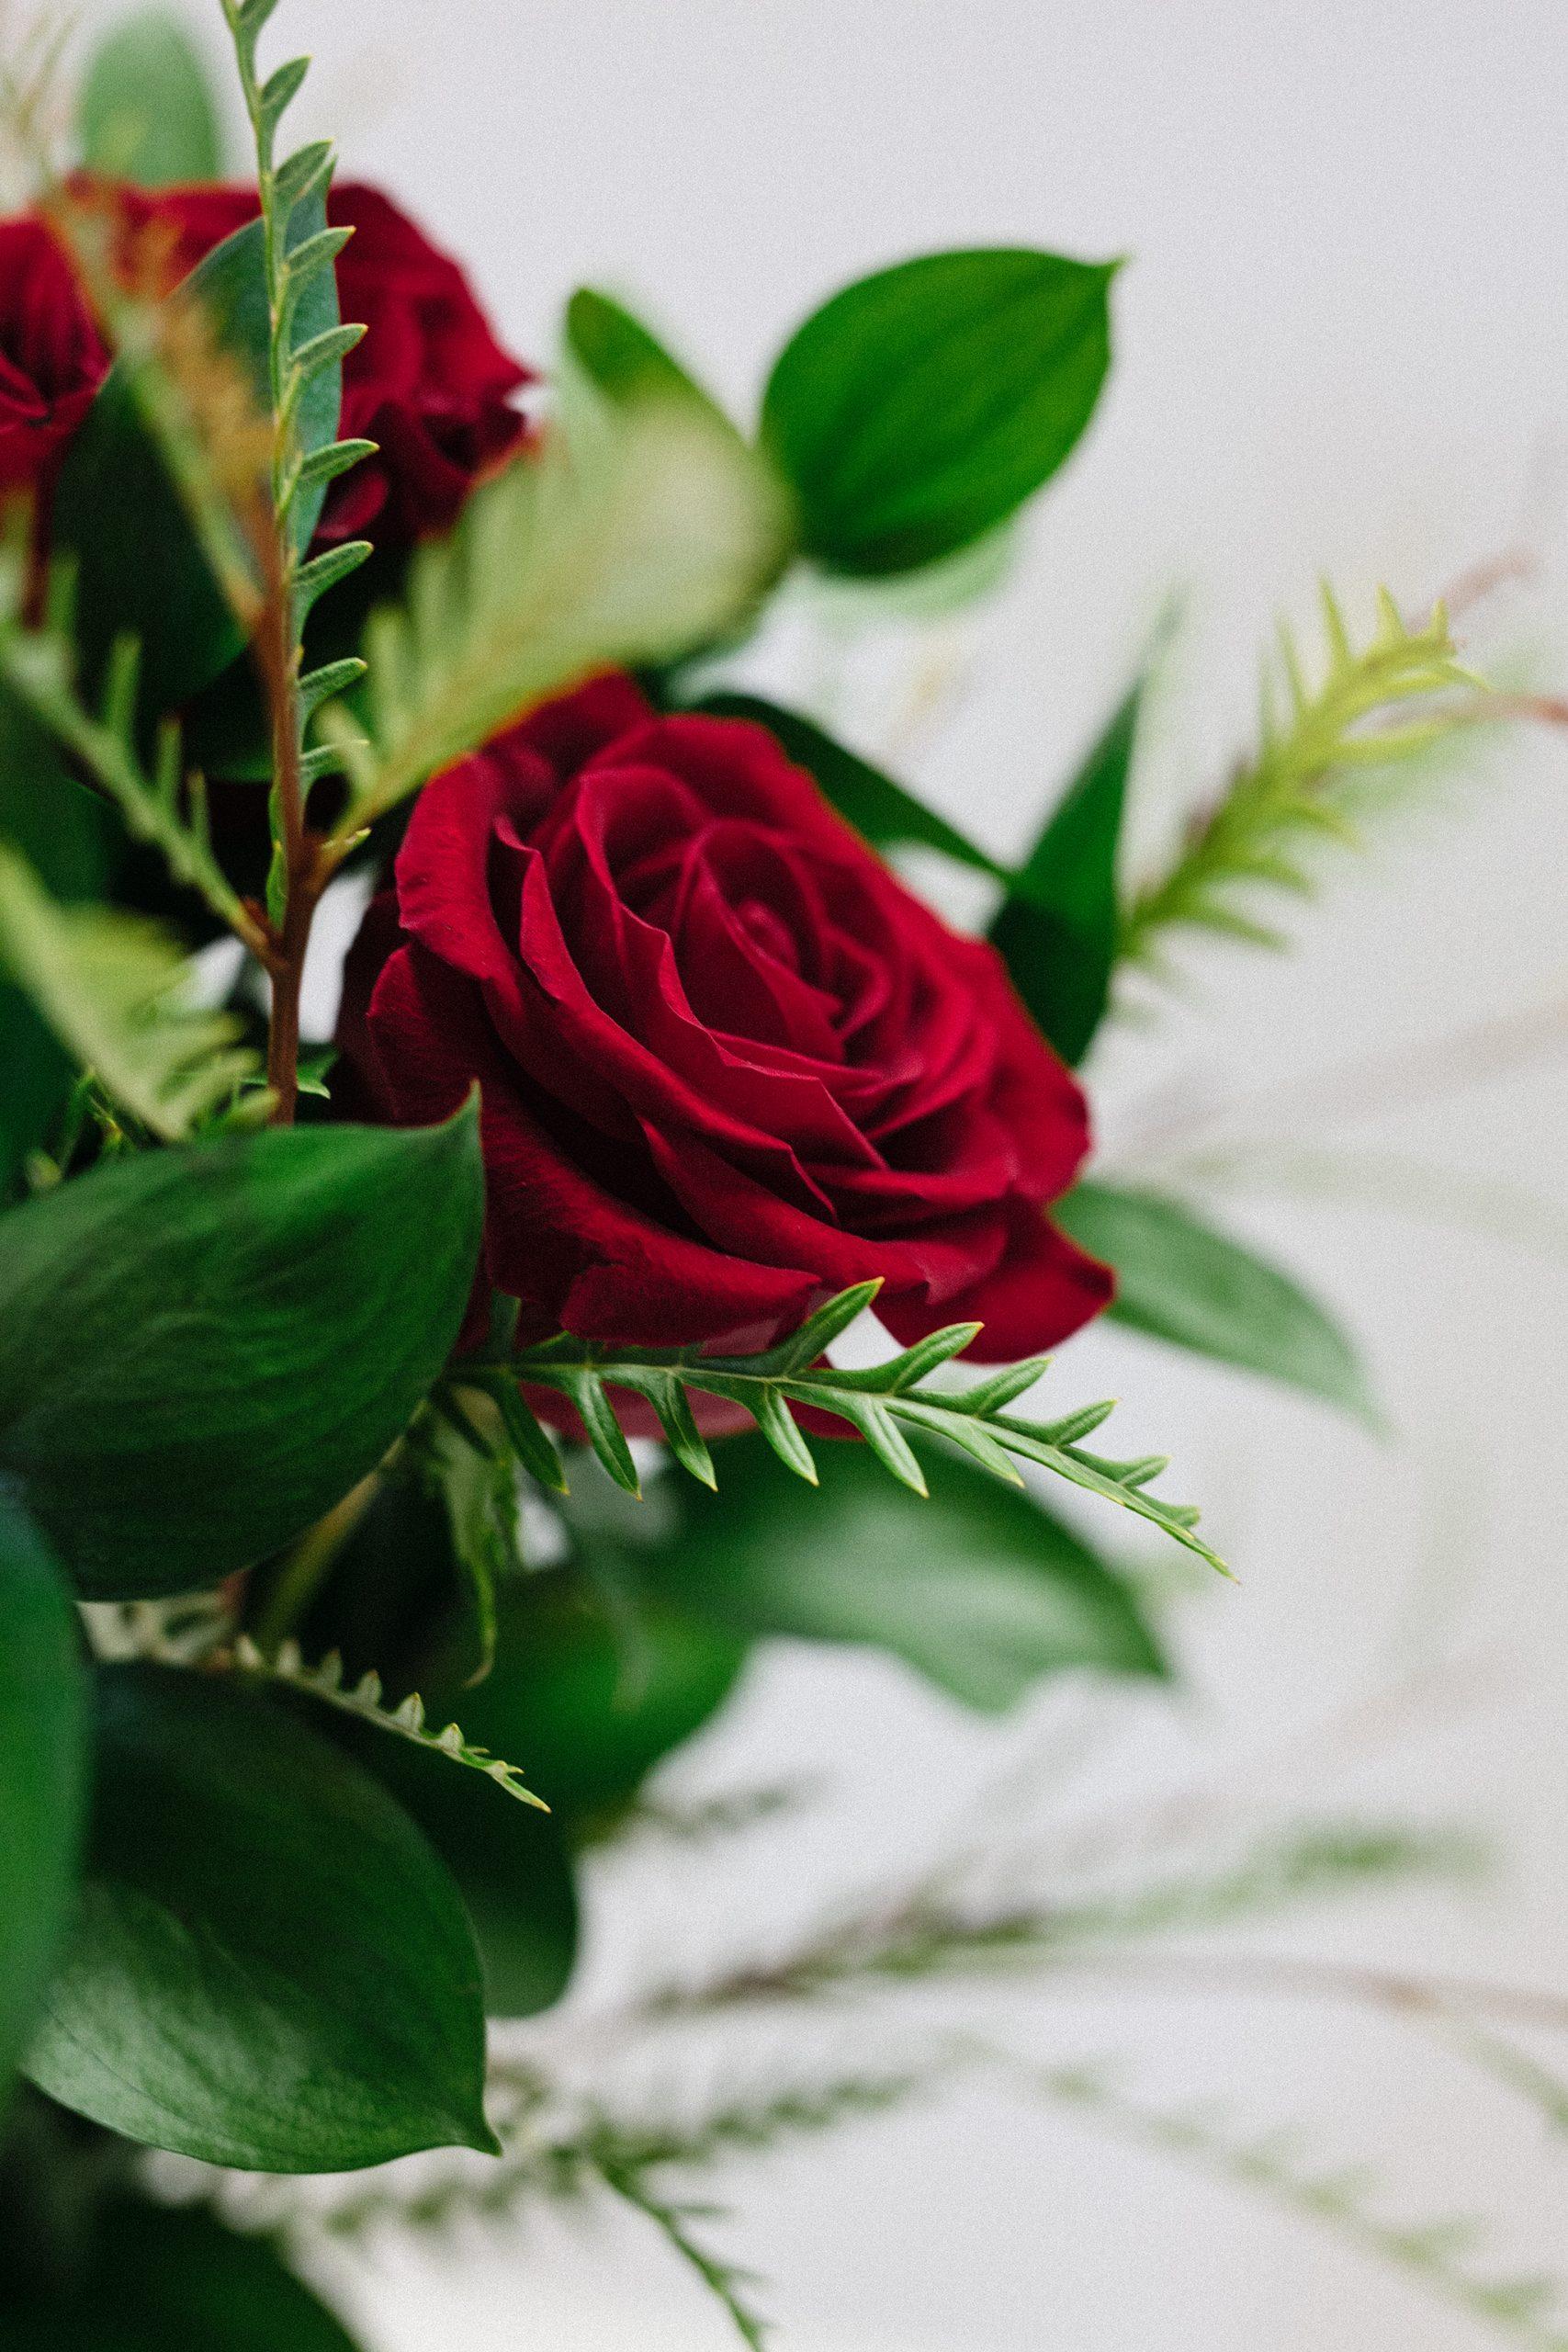 Bouquet de Roses rouges | Fleuriste Signé Guillet | Livraison